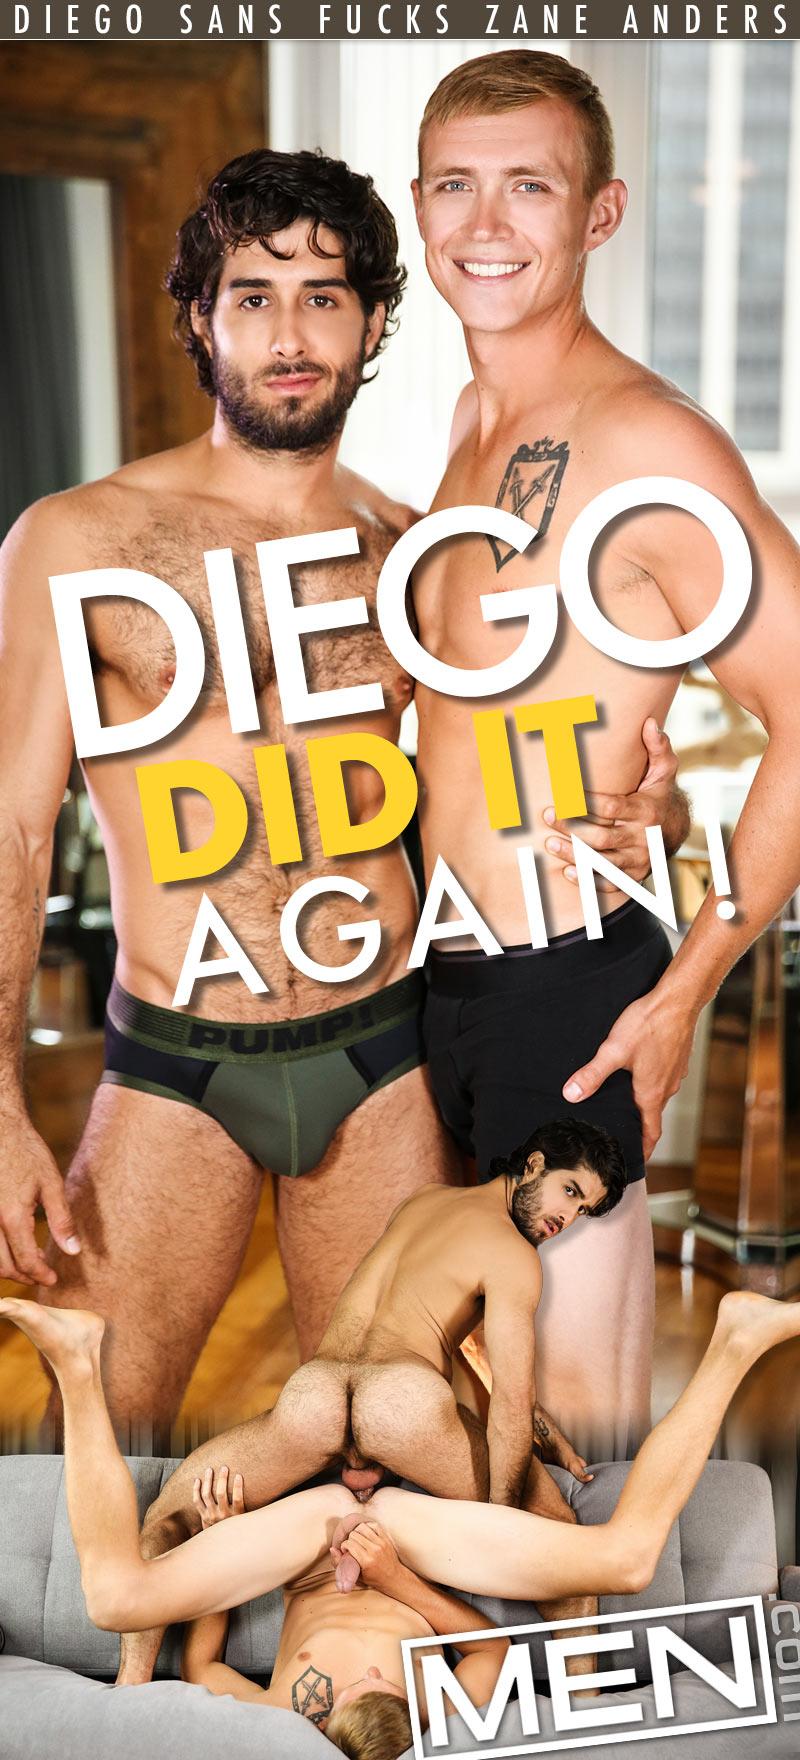 Diego sans bottoms again